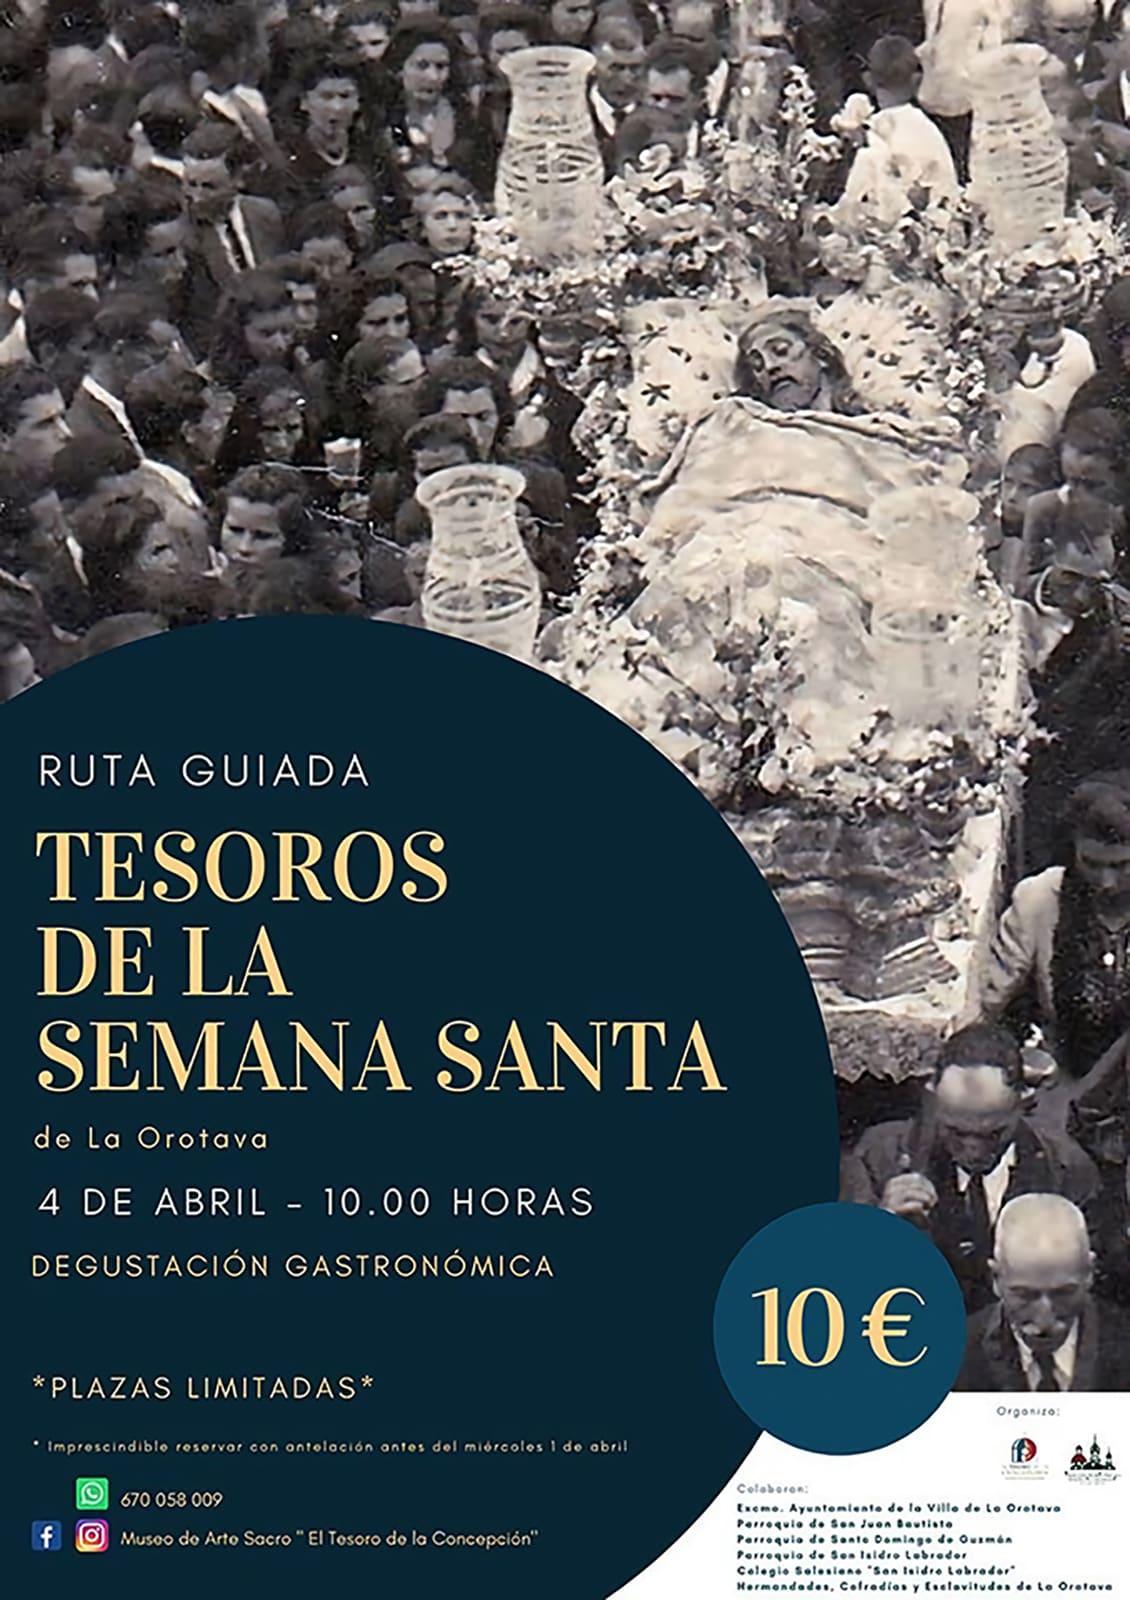 Ruta Tesoros Semana Santa, El Tesoro de la Concepción